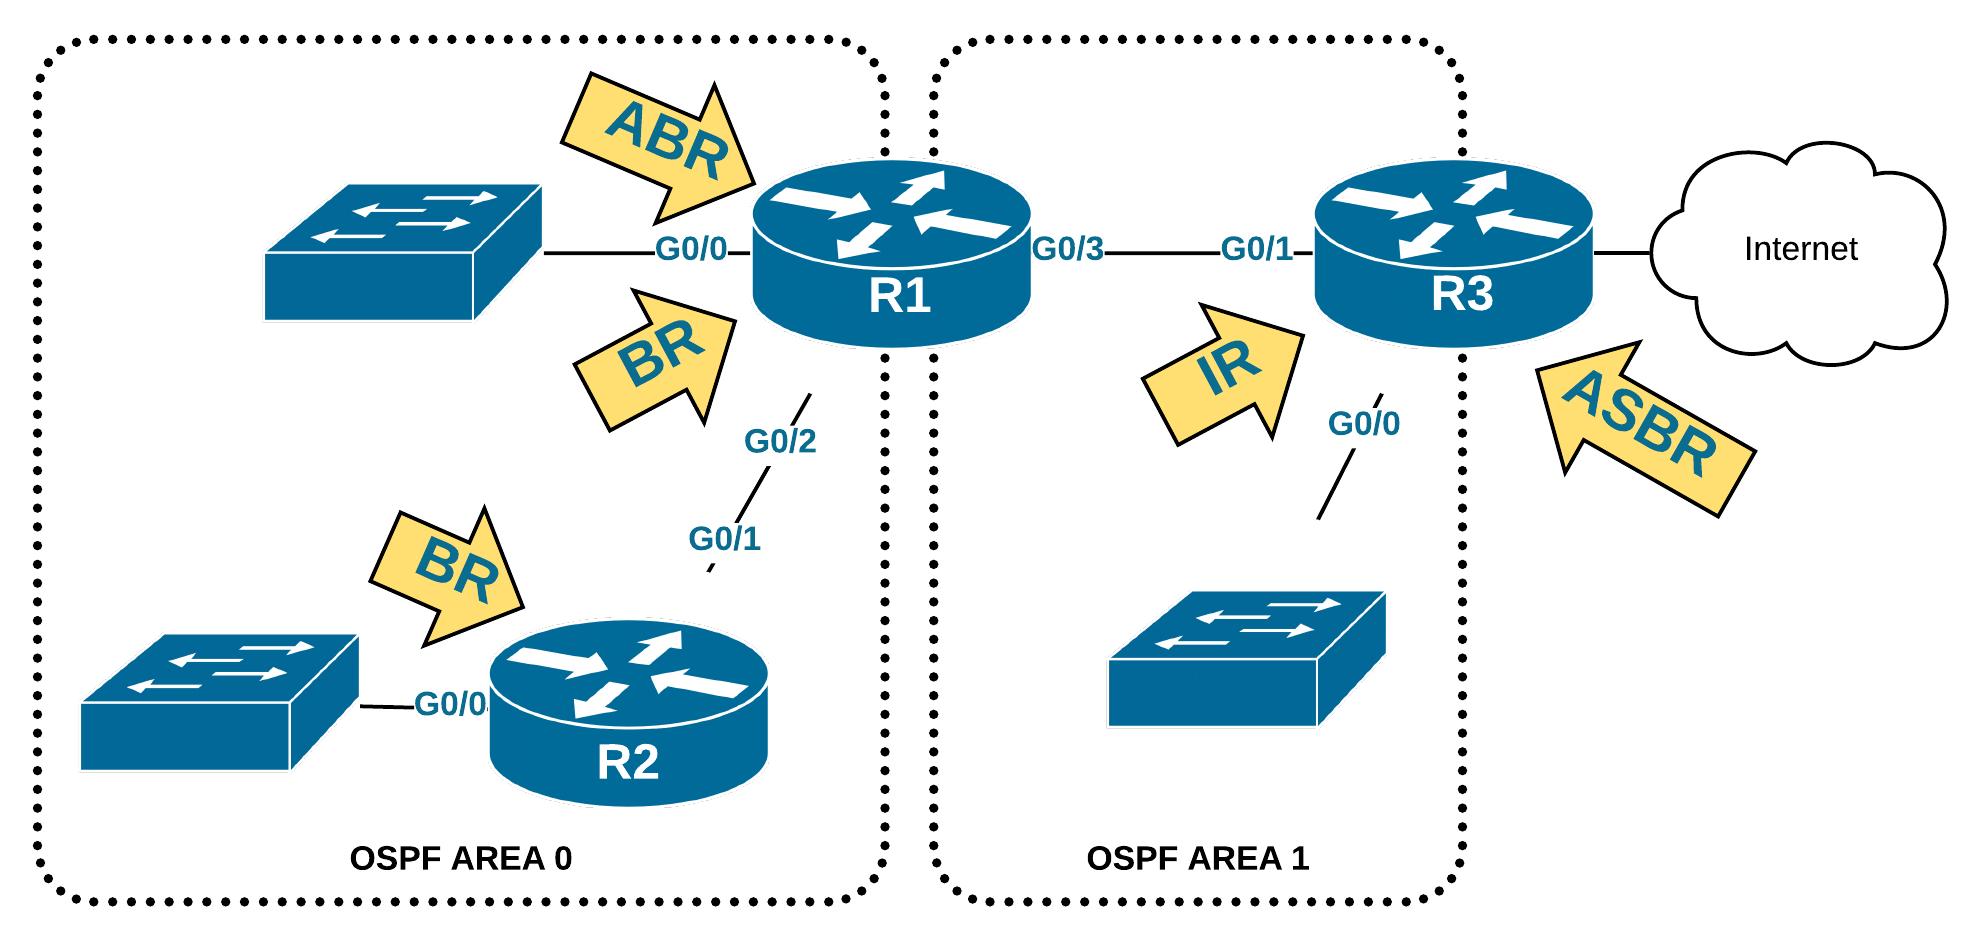 IR BR ABR ASBR OSPF